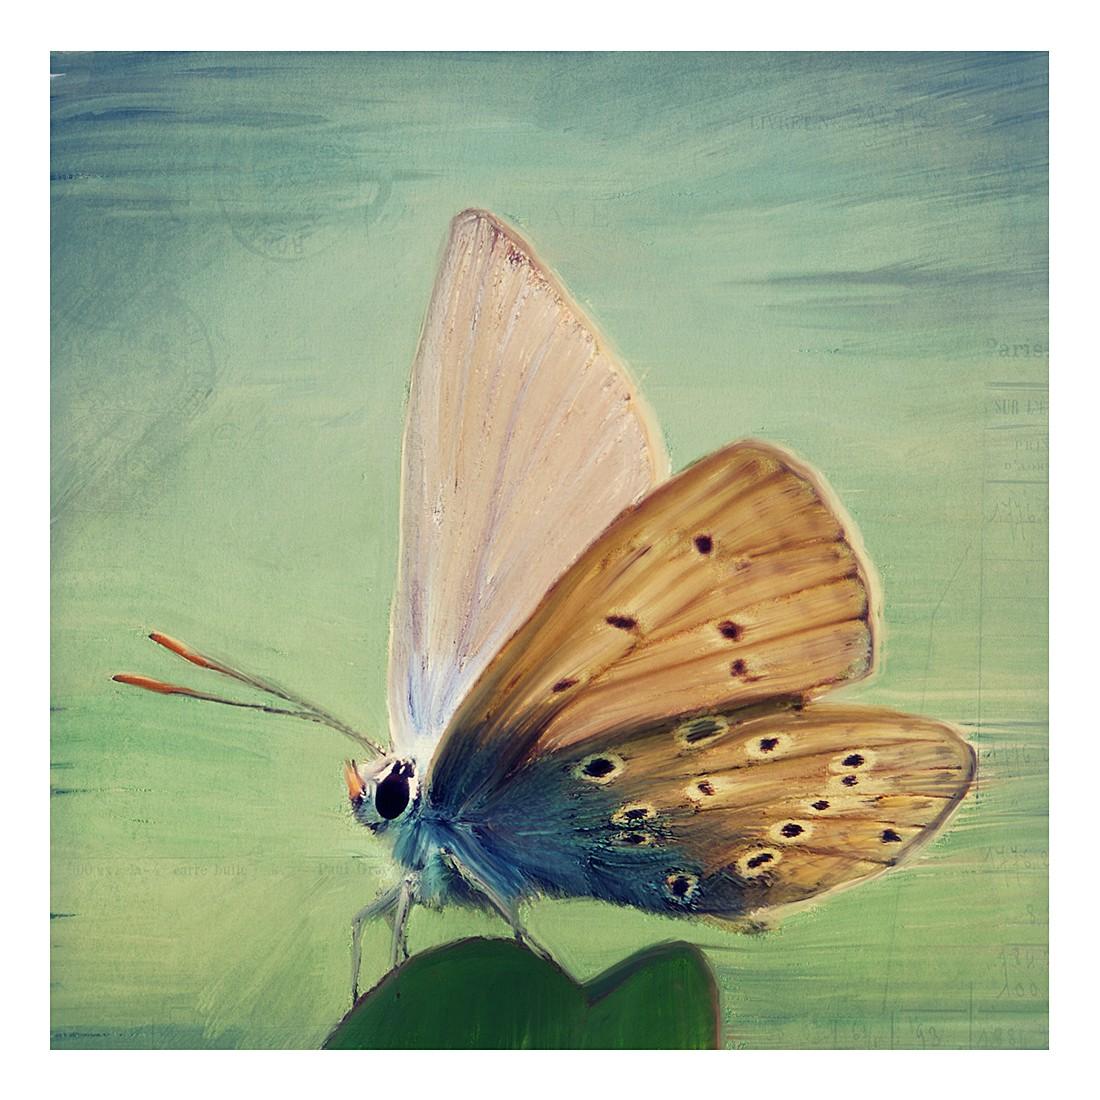 Ölgemälde Little Butterfly von Angela Dölling – Größe 50 x 50 cm, yourPainting günstig kaufen